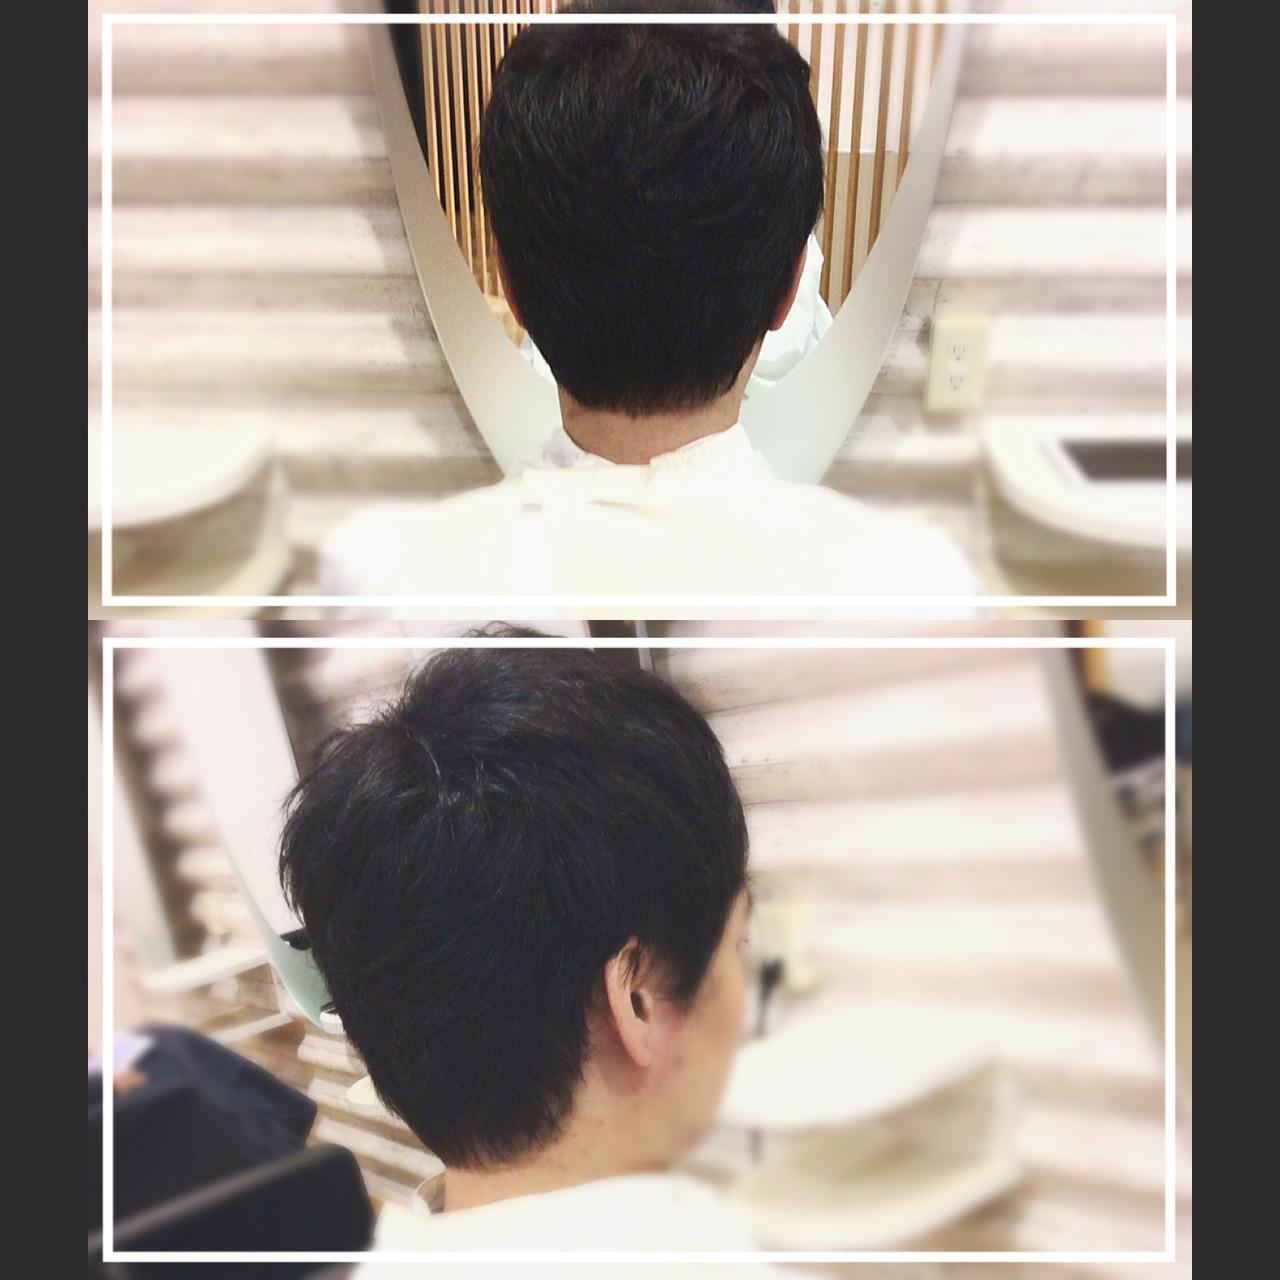 ショート ナチュラル メンズスタイル 社会人の味方 ヘアスタイルや髪型の写真・画像 | KON / &g